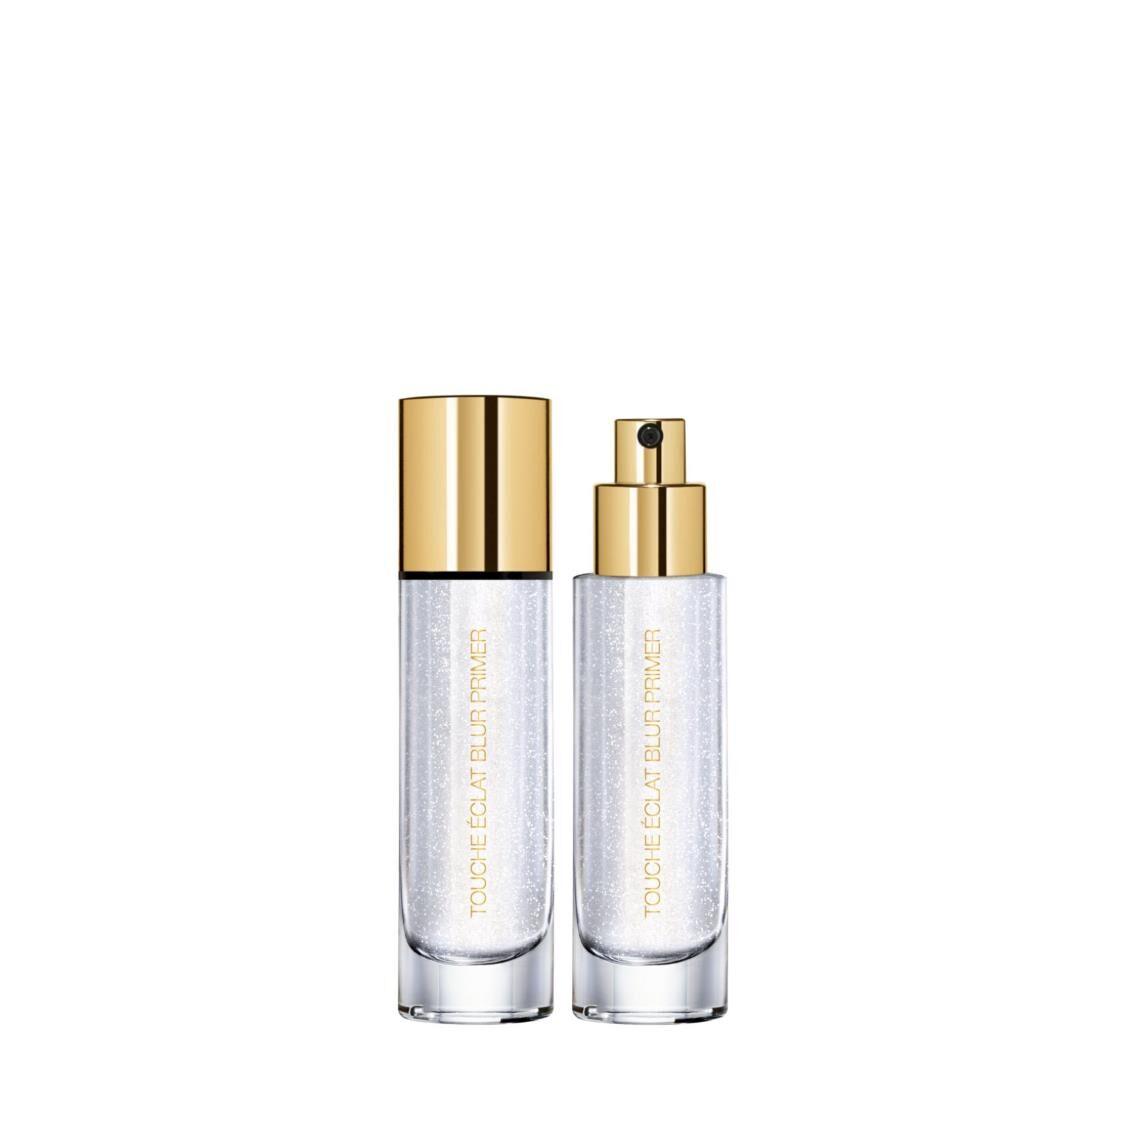 Yves Saint Laurent Beaute Touche Eclat Blur Primer Silver